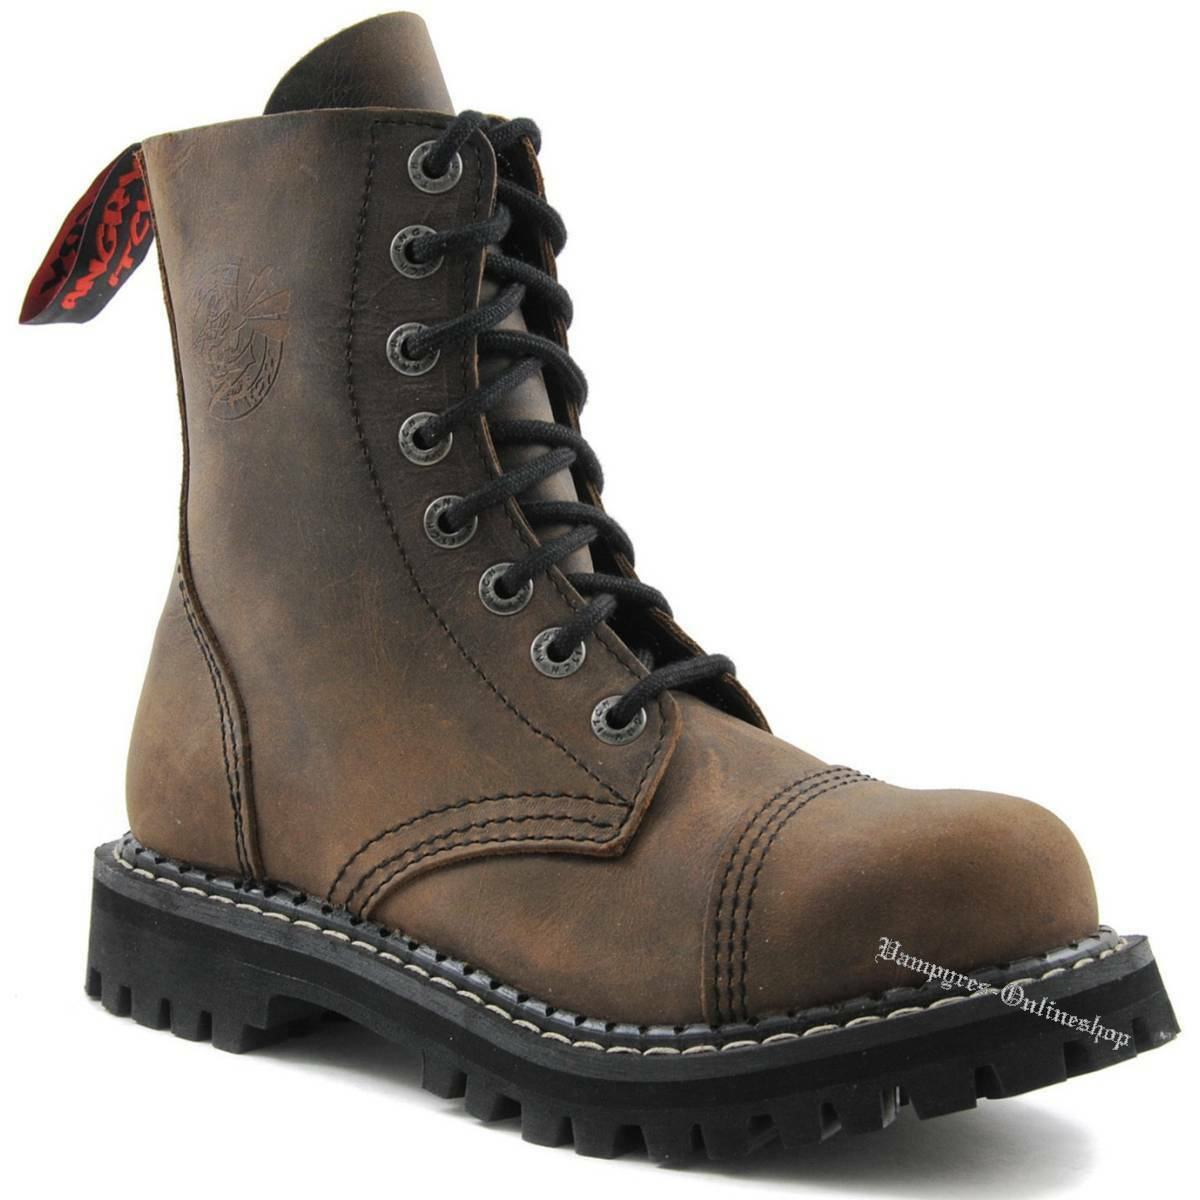 Angry Itch 8-agujero marrón vintage marrón rangers botas de cuero zapatos tapas de acero